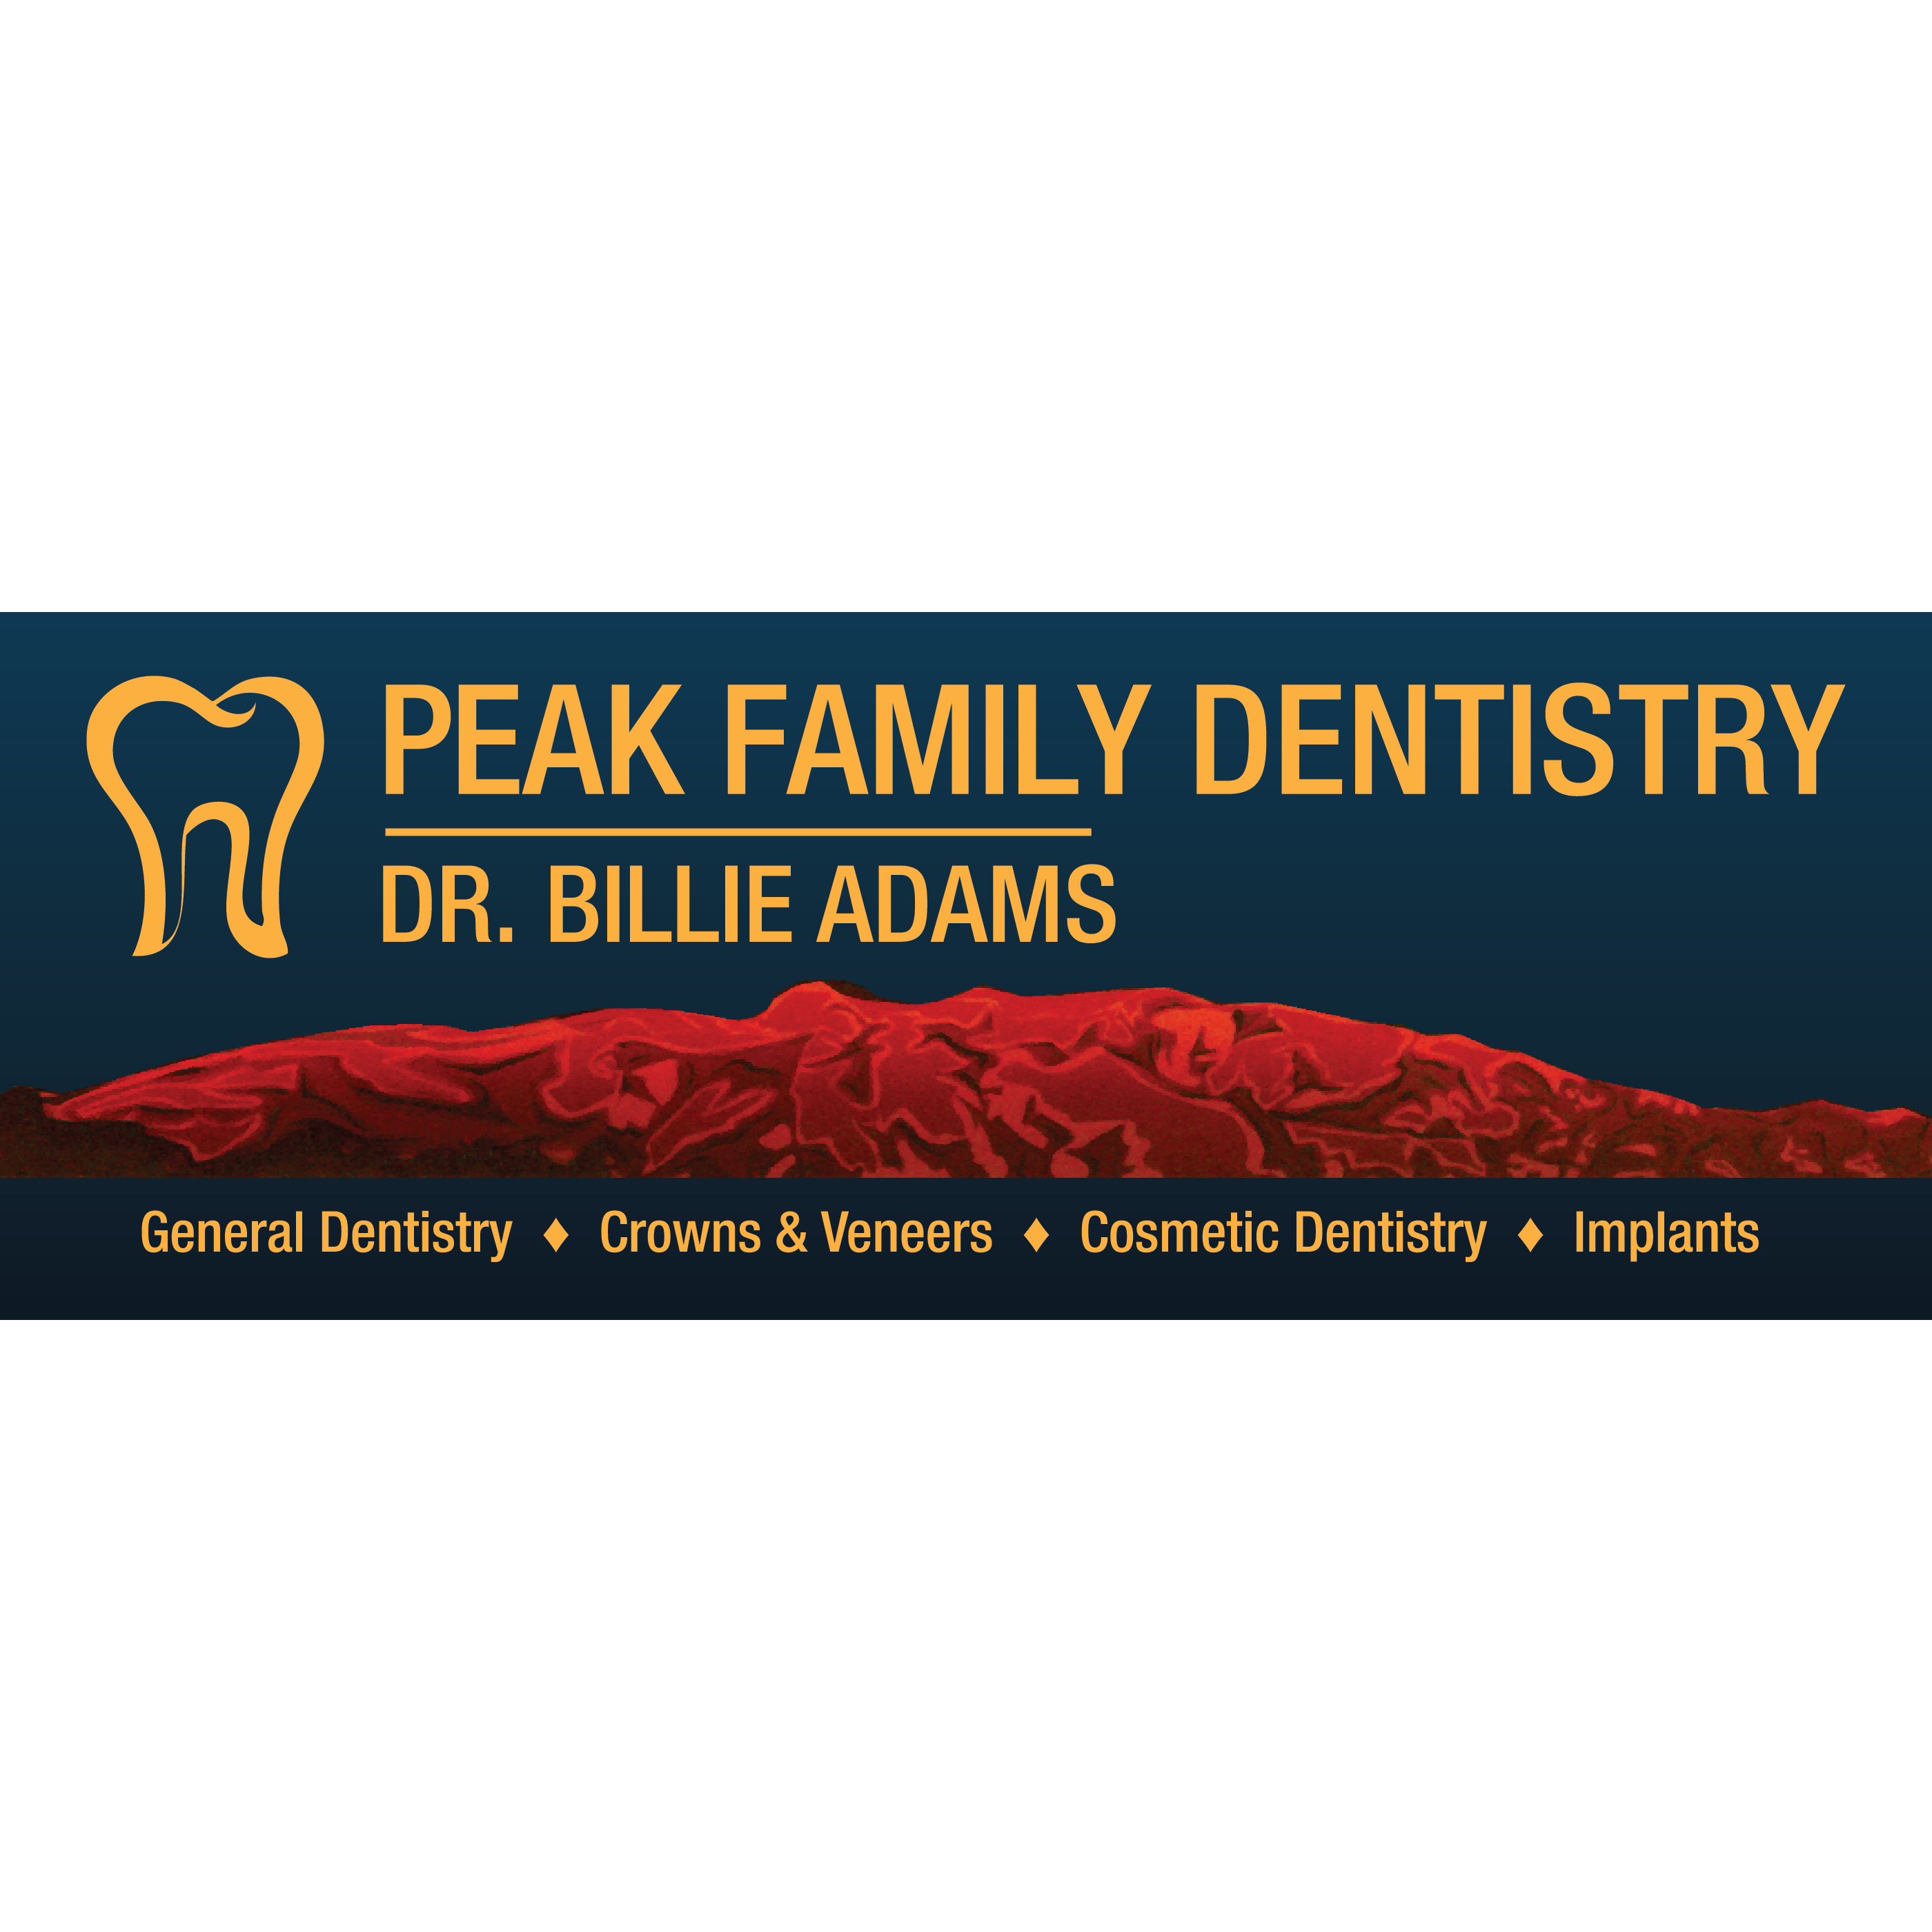 Peak Family Dentistry